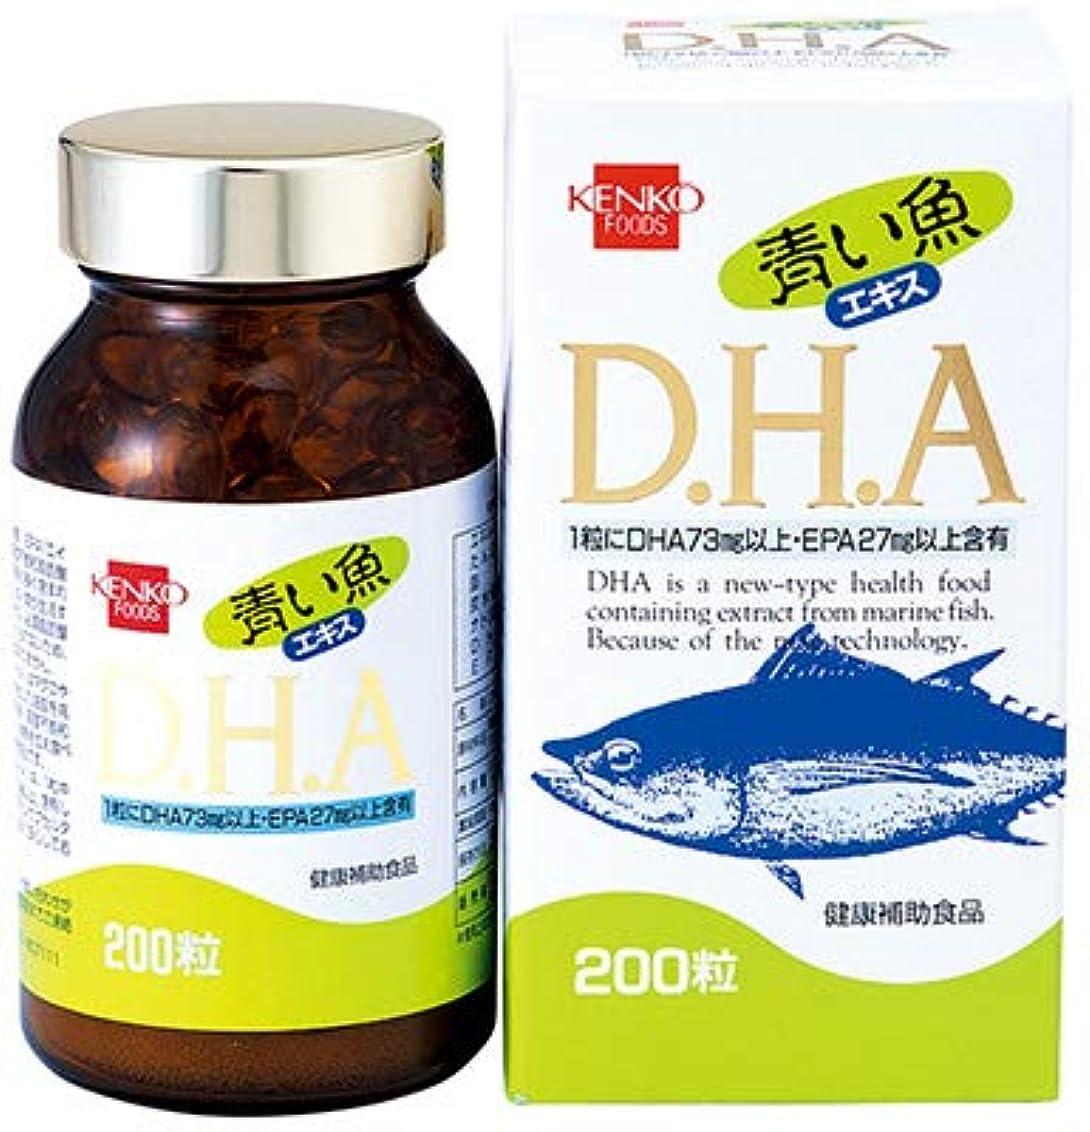 器具ショップ賞青い魚エキスDHA【3本セット】健康フーズ